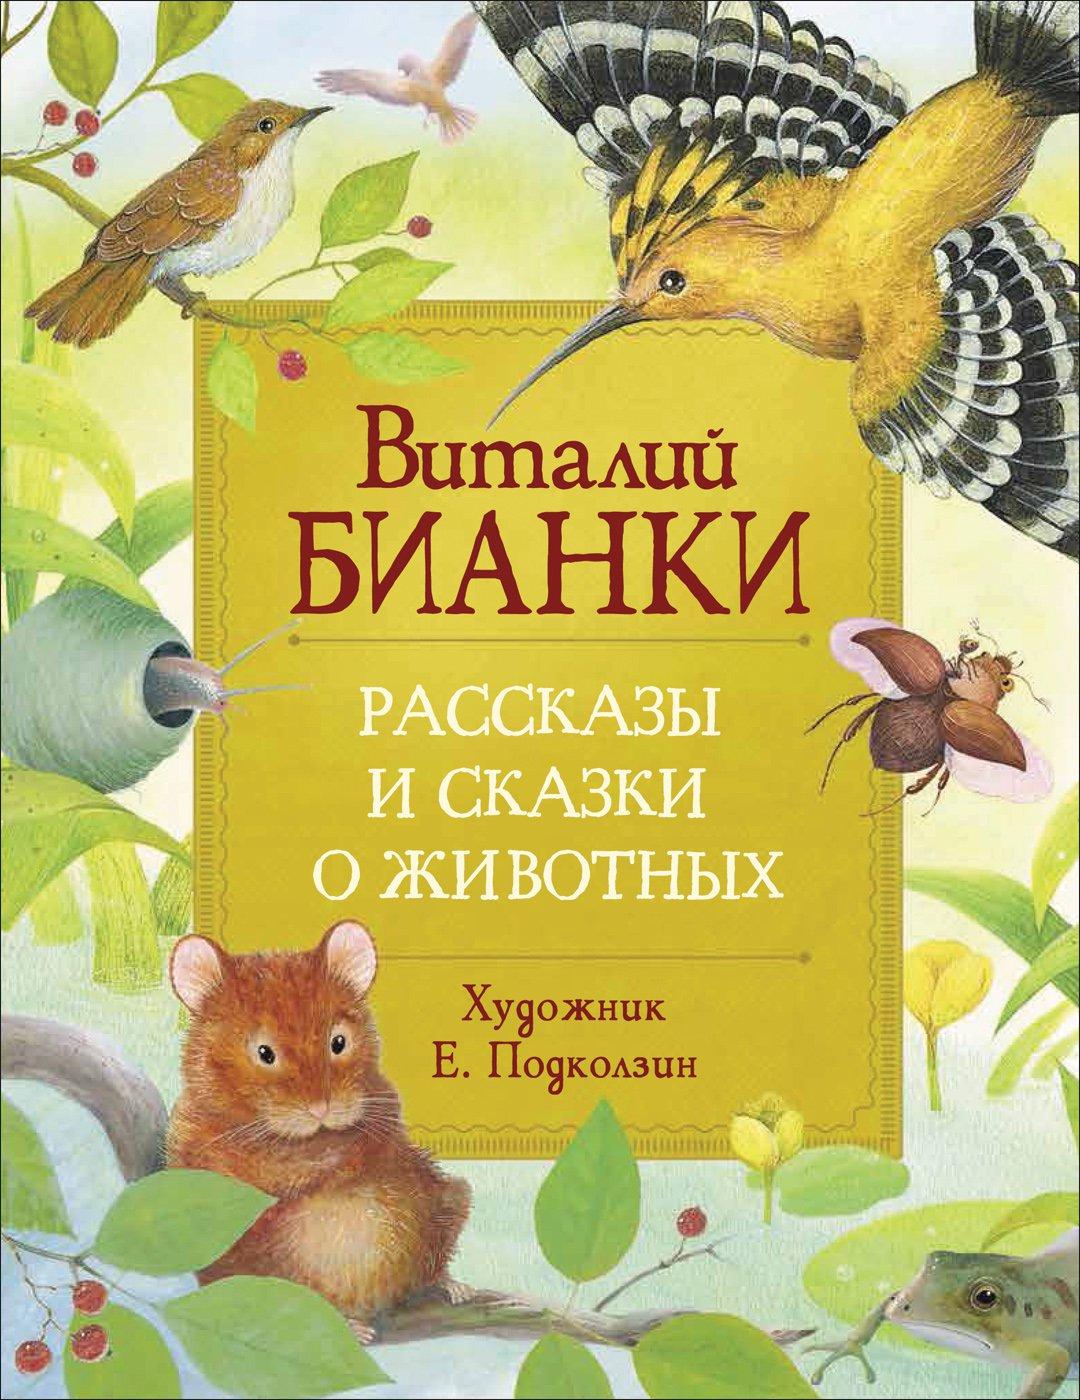 Рассказы и сказки о животных (Любимые детские писатели)